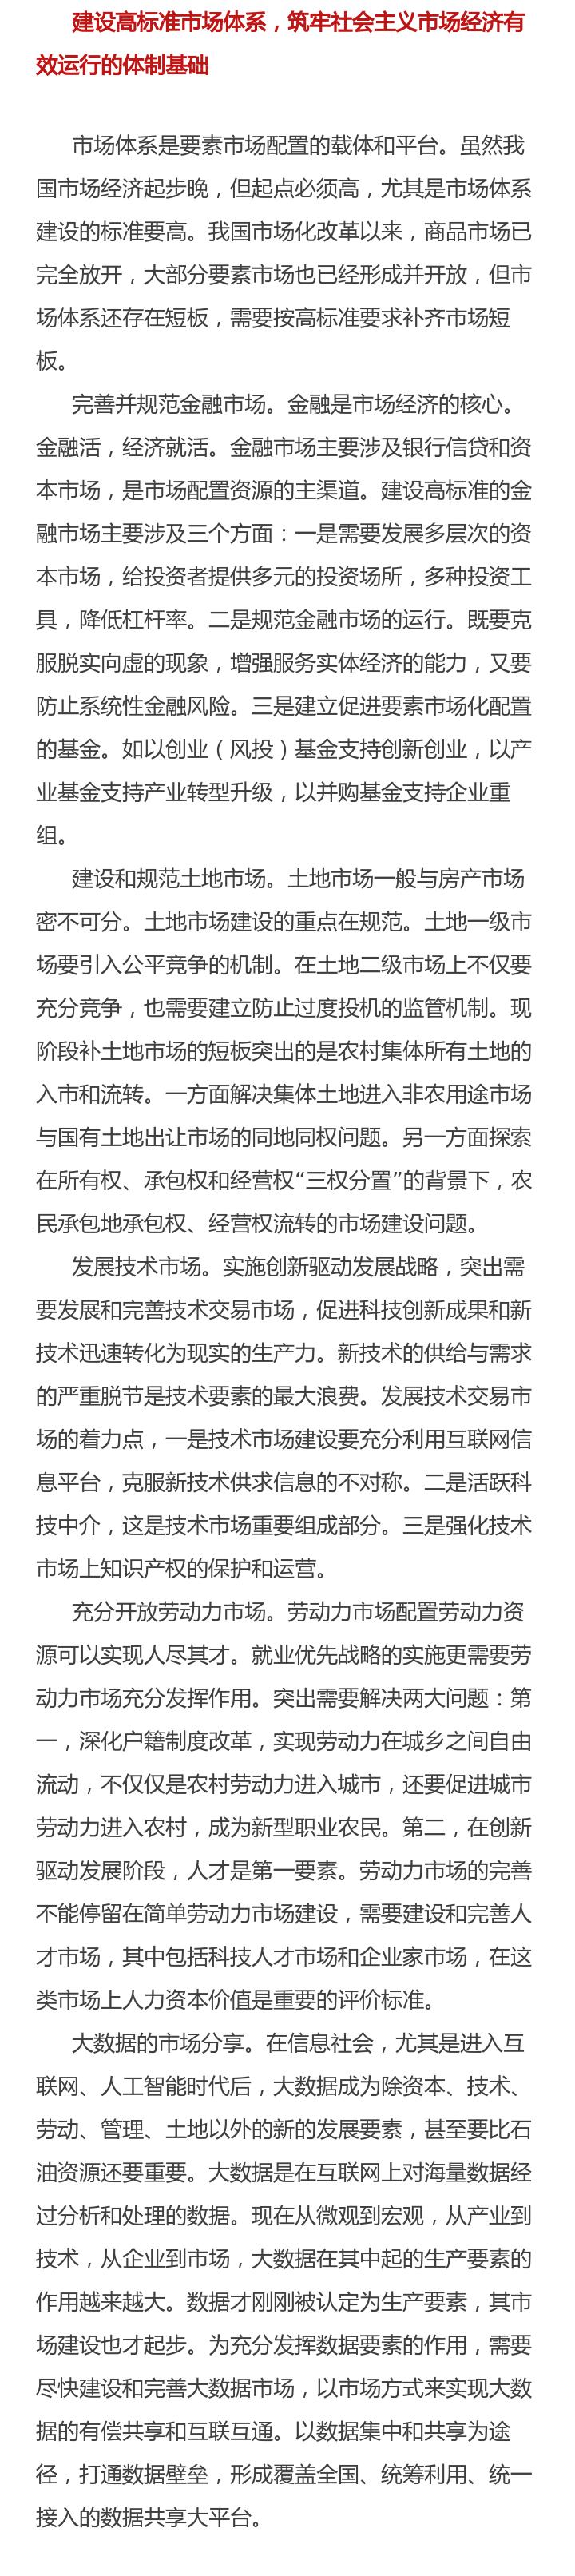 周末共读 | 洪银兴:以要素市场化配置改革为重点 进一步完善社会主义市场经济体制